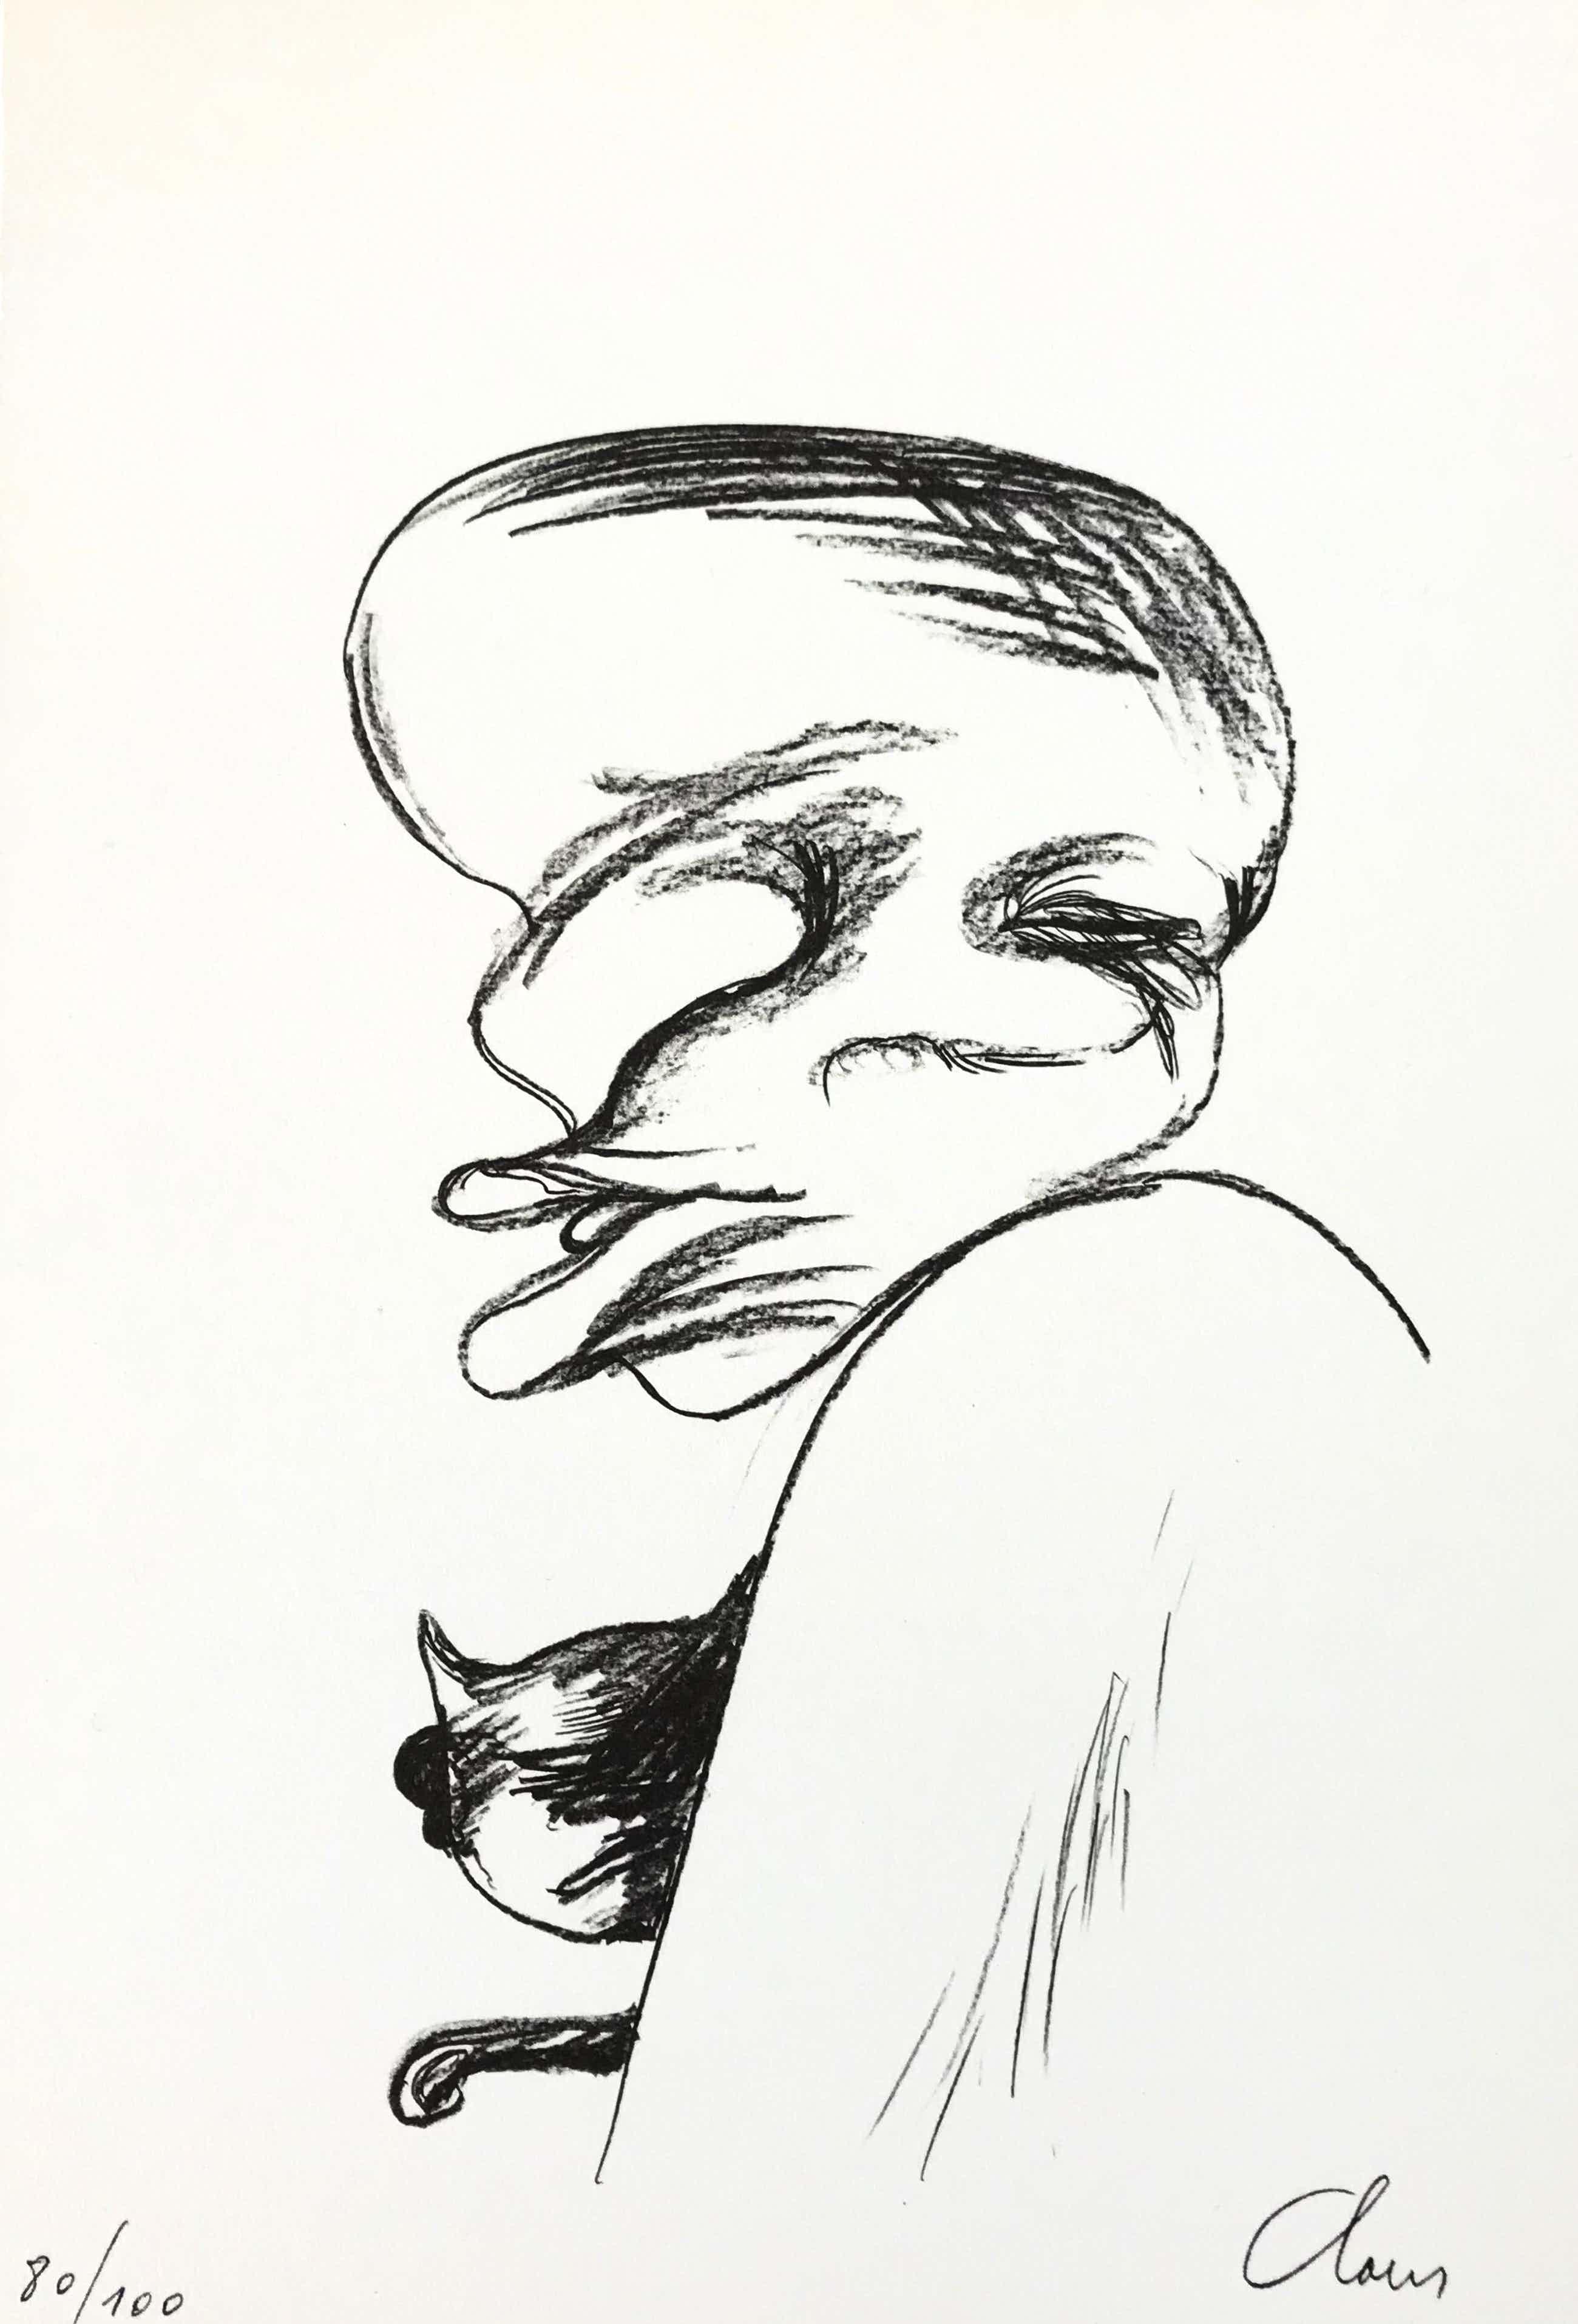 Hugo Claus - Litho + gesigneerde kunstmap - 1978 - 80/100 kopen? Bied vanaf 115!